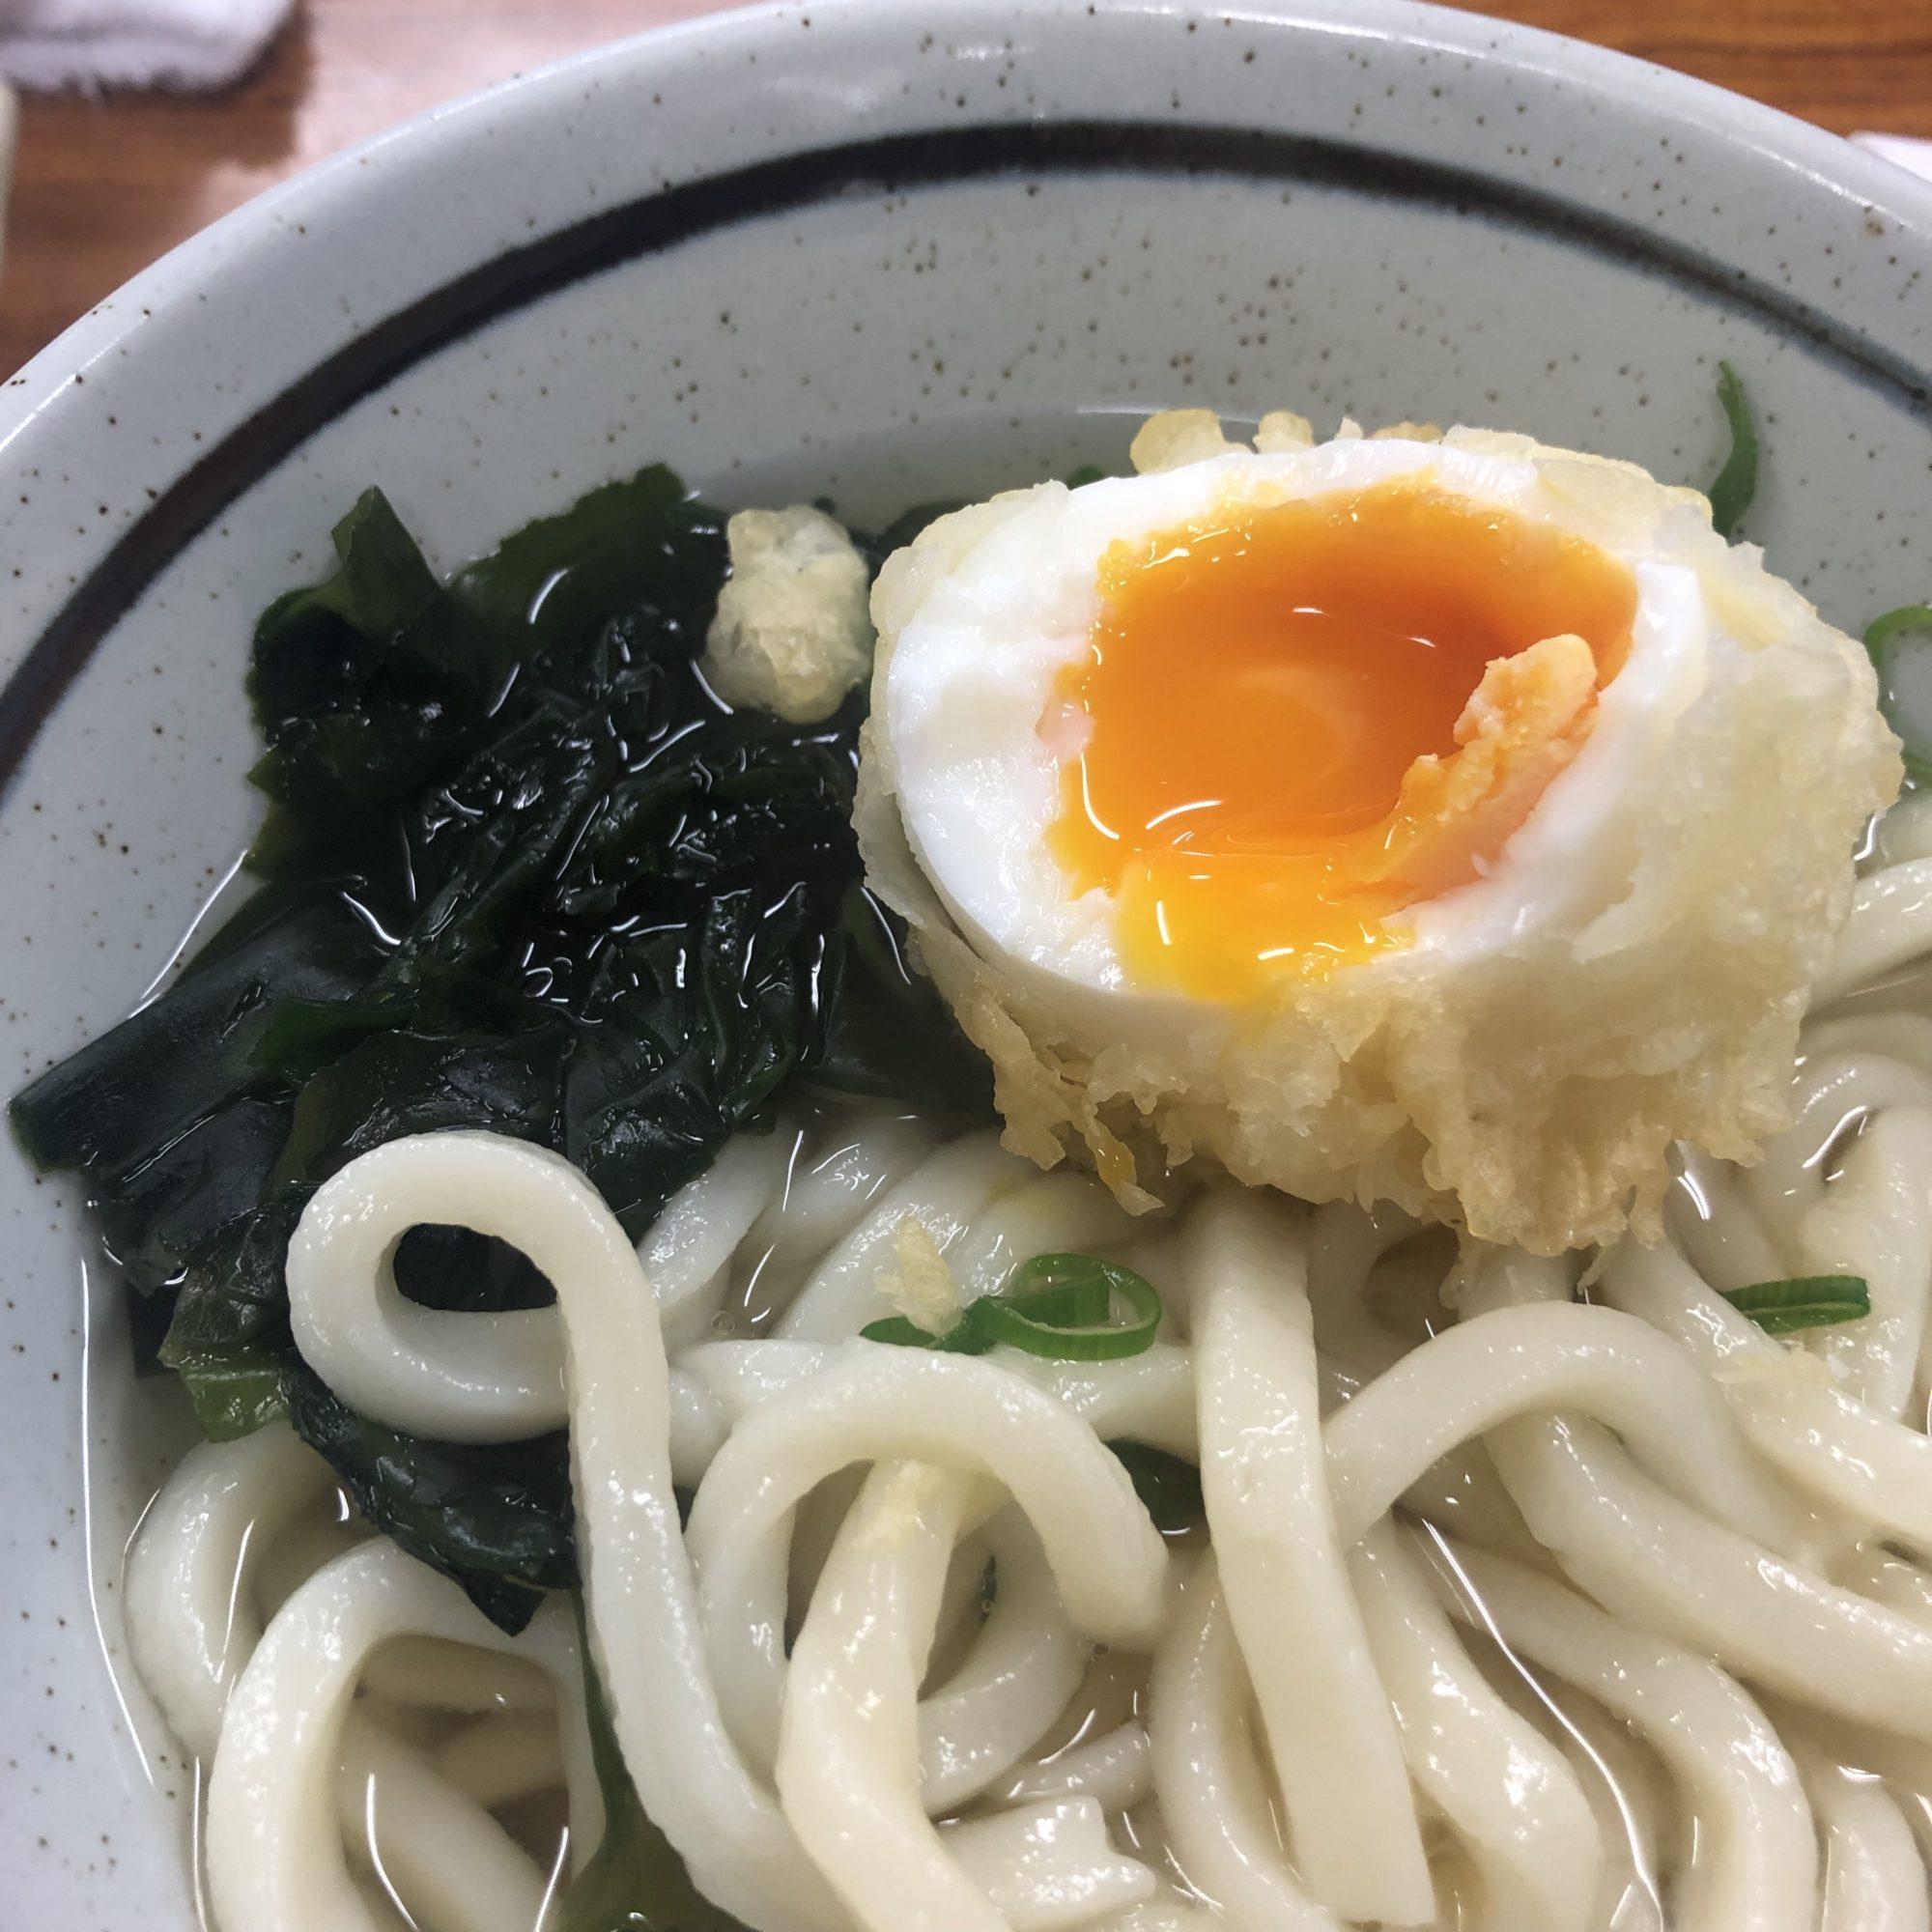 """高松駅から徒歩30分!また行きたくなる、香川で人気のうどんやさん""""竹清""""でゆでたまごの天ぷらとうどんを日曜日にオープンと同時に行って満喫する"""